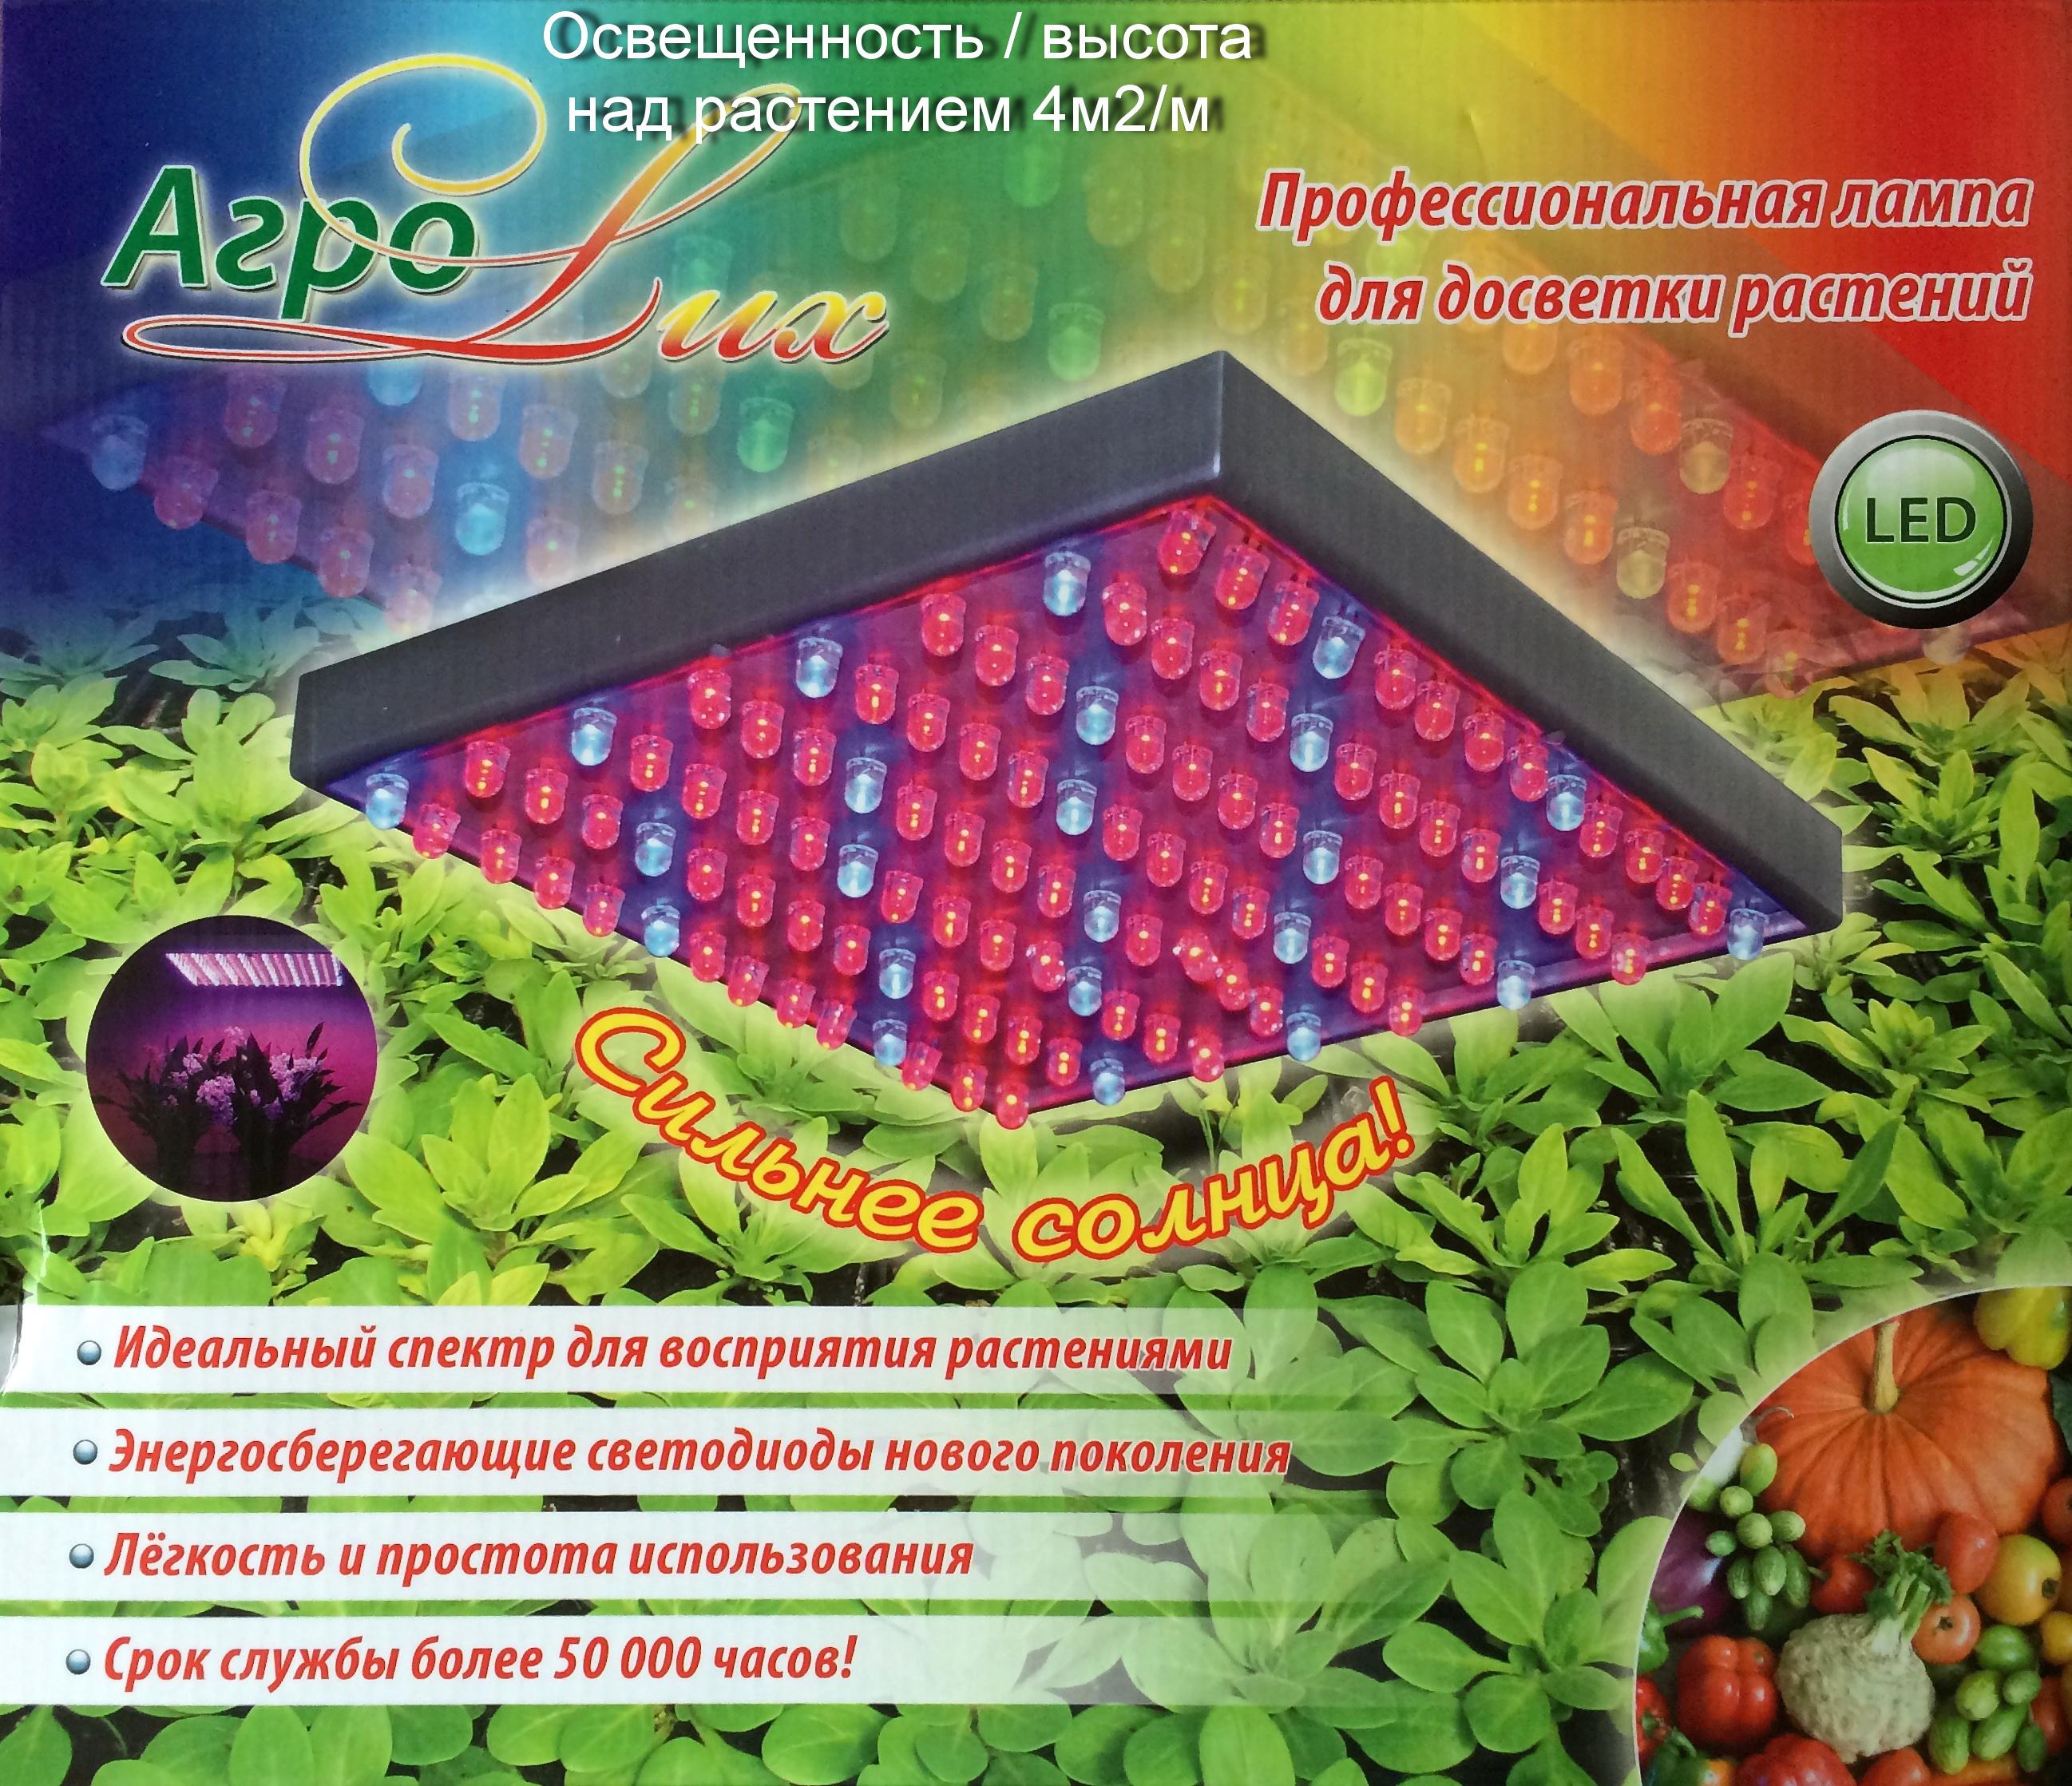 Сбор заказов Кокосовые таблетки и брикеты для рассады. Профессиональные Специализированные Фитолампы для подсвечивания рассады - растений с красно-синем спектром светодиодов. Кислометры почвы. Прорастители семян и микрозелени - 5.